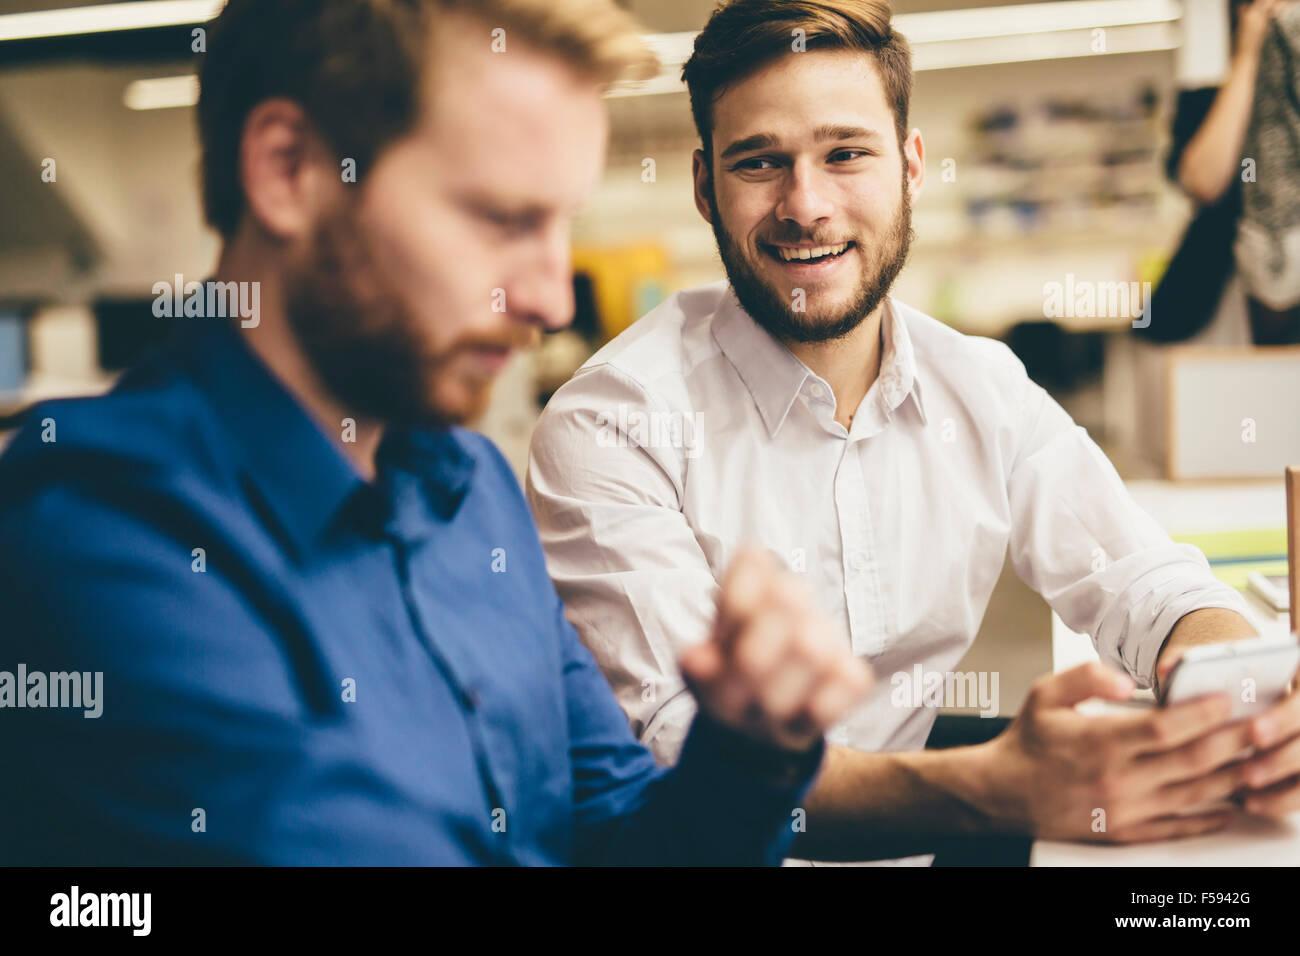 Schöne Männer In Einem Büro Arbeiten Und Lächelnd Stockfoto Bild